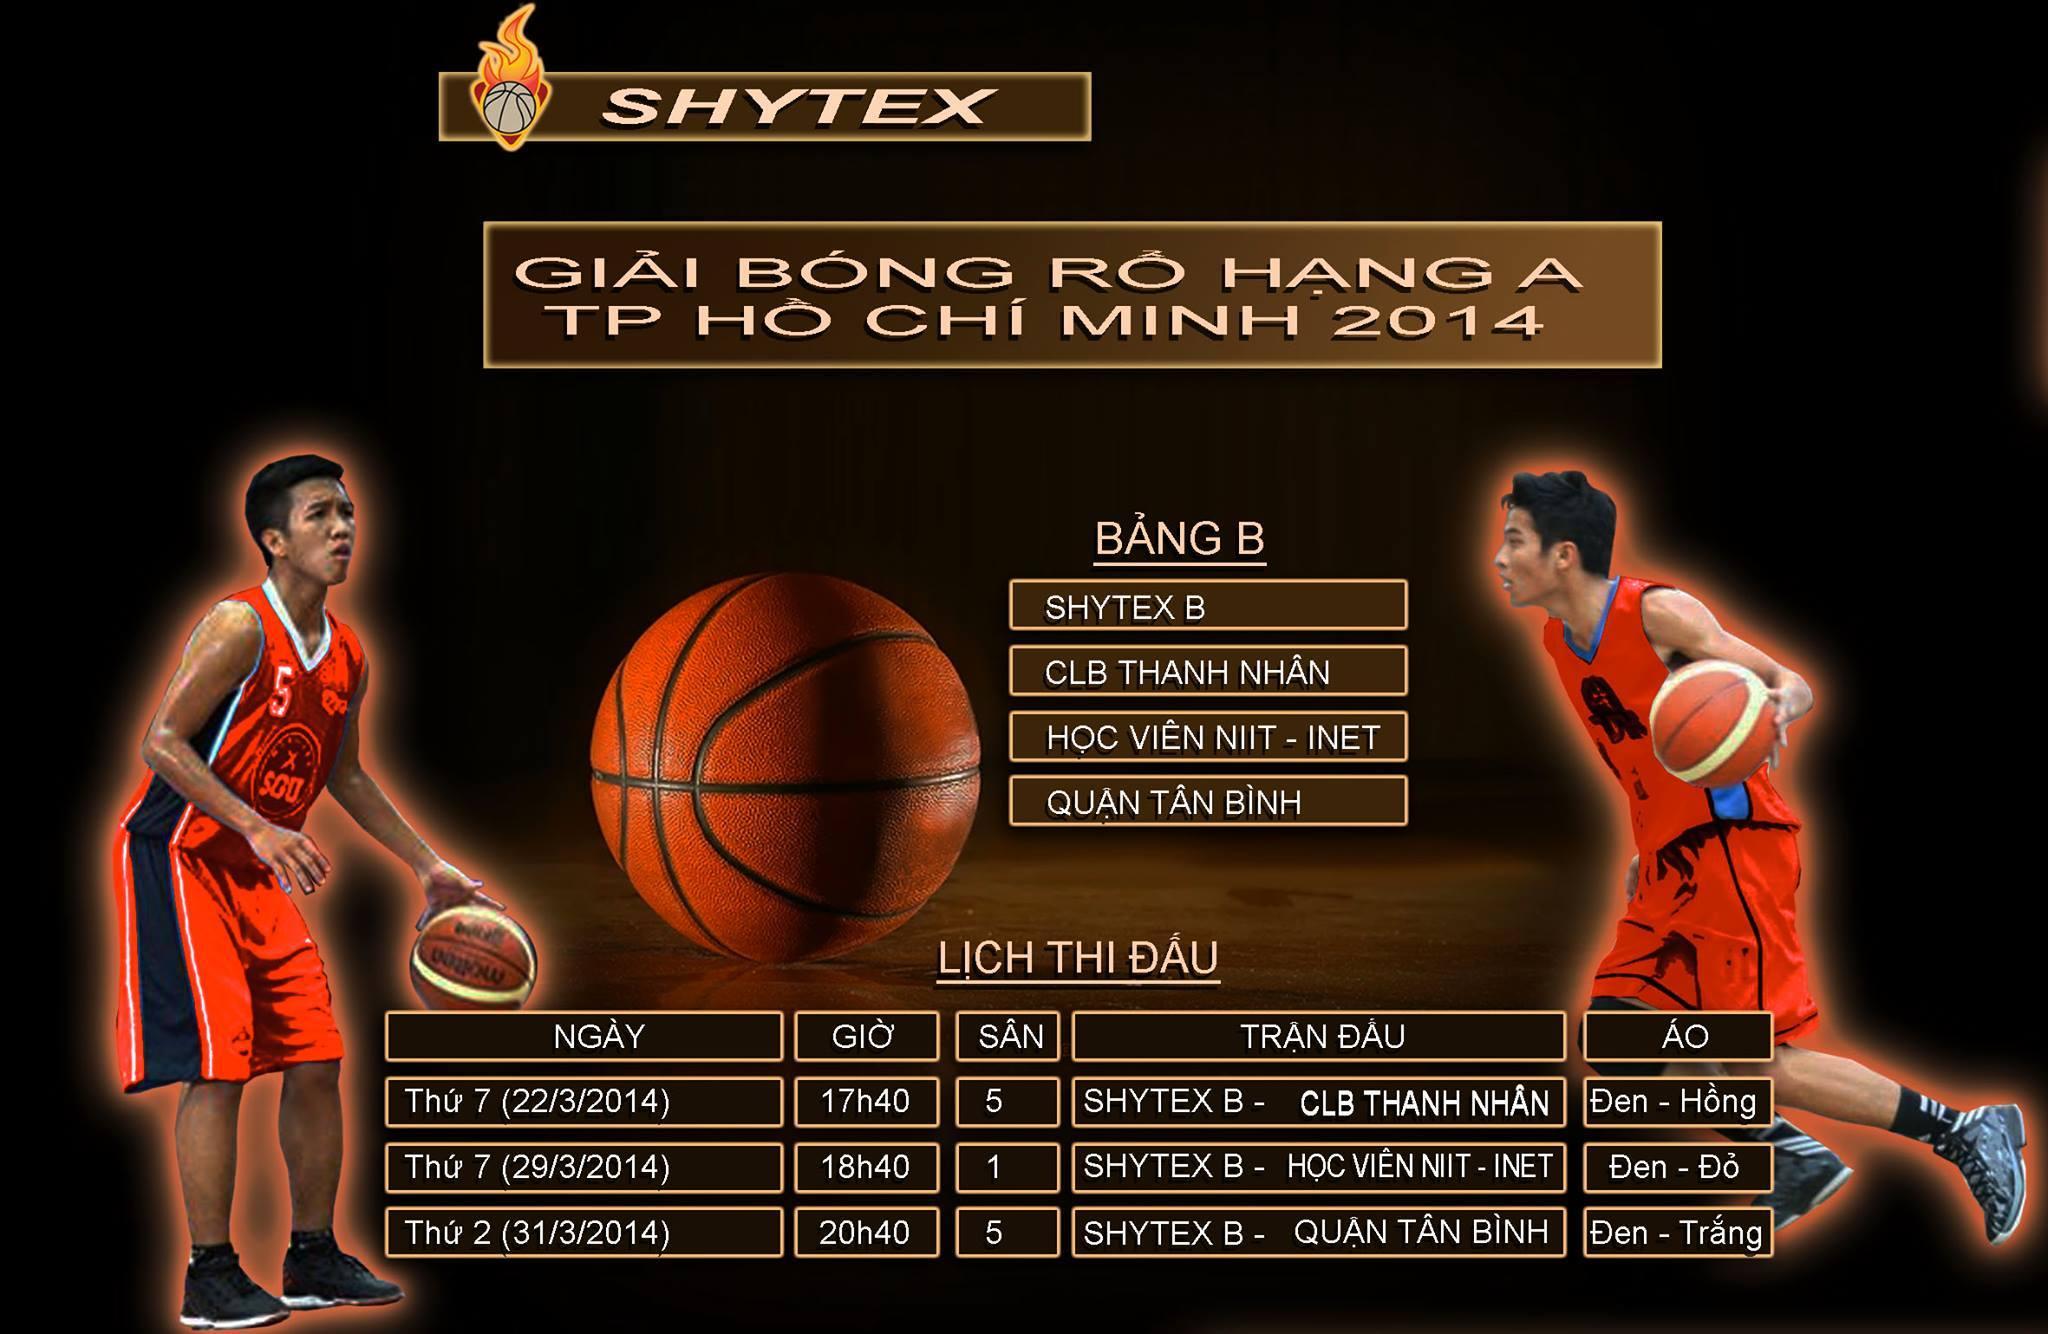 Giải bóng rổ hạng A 2014